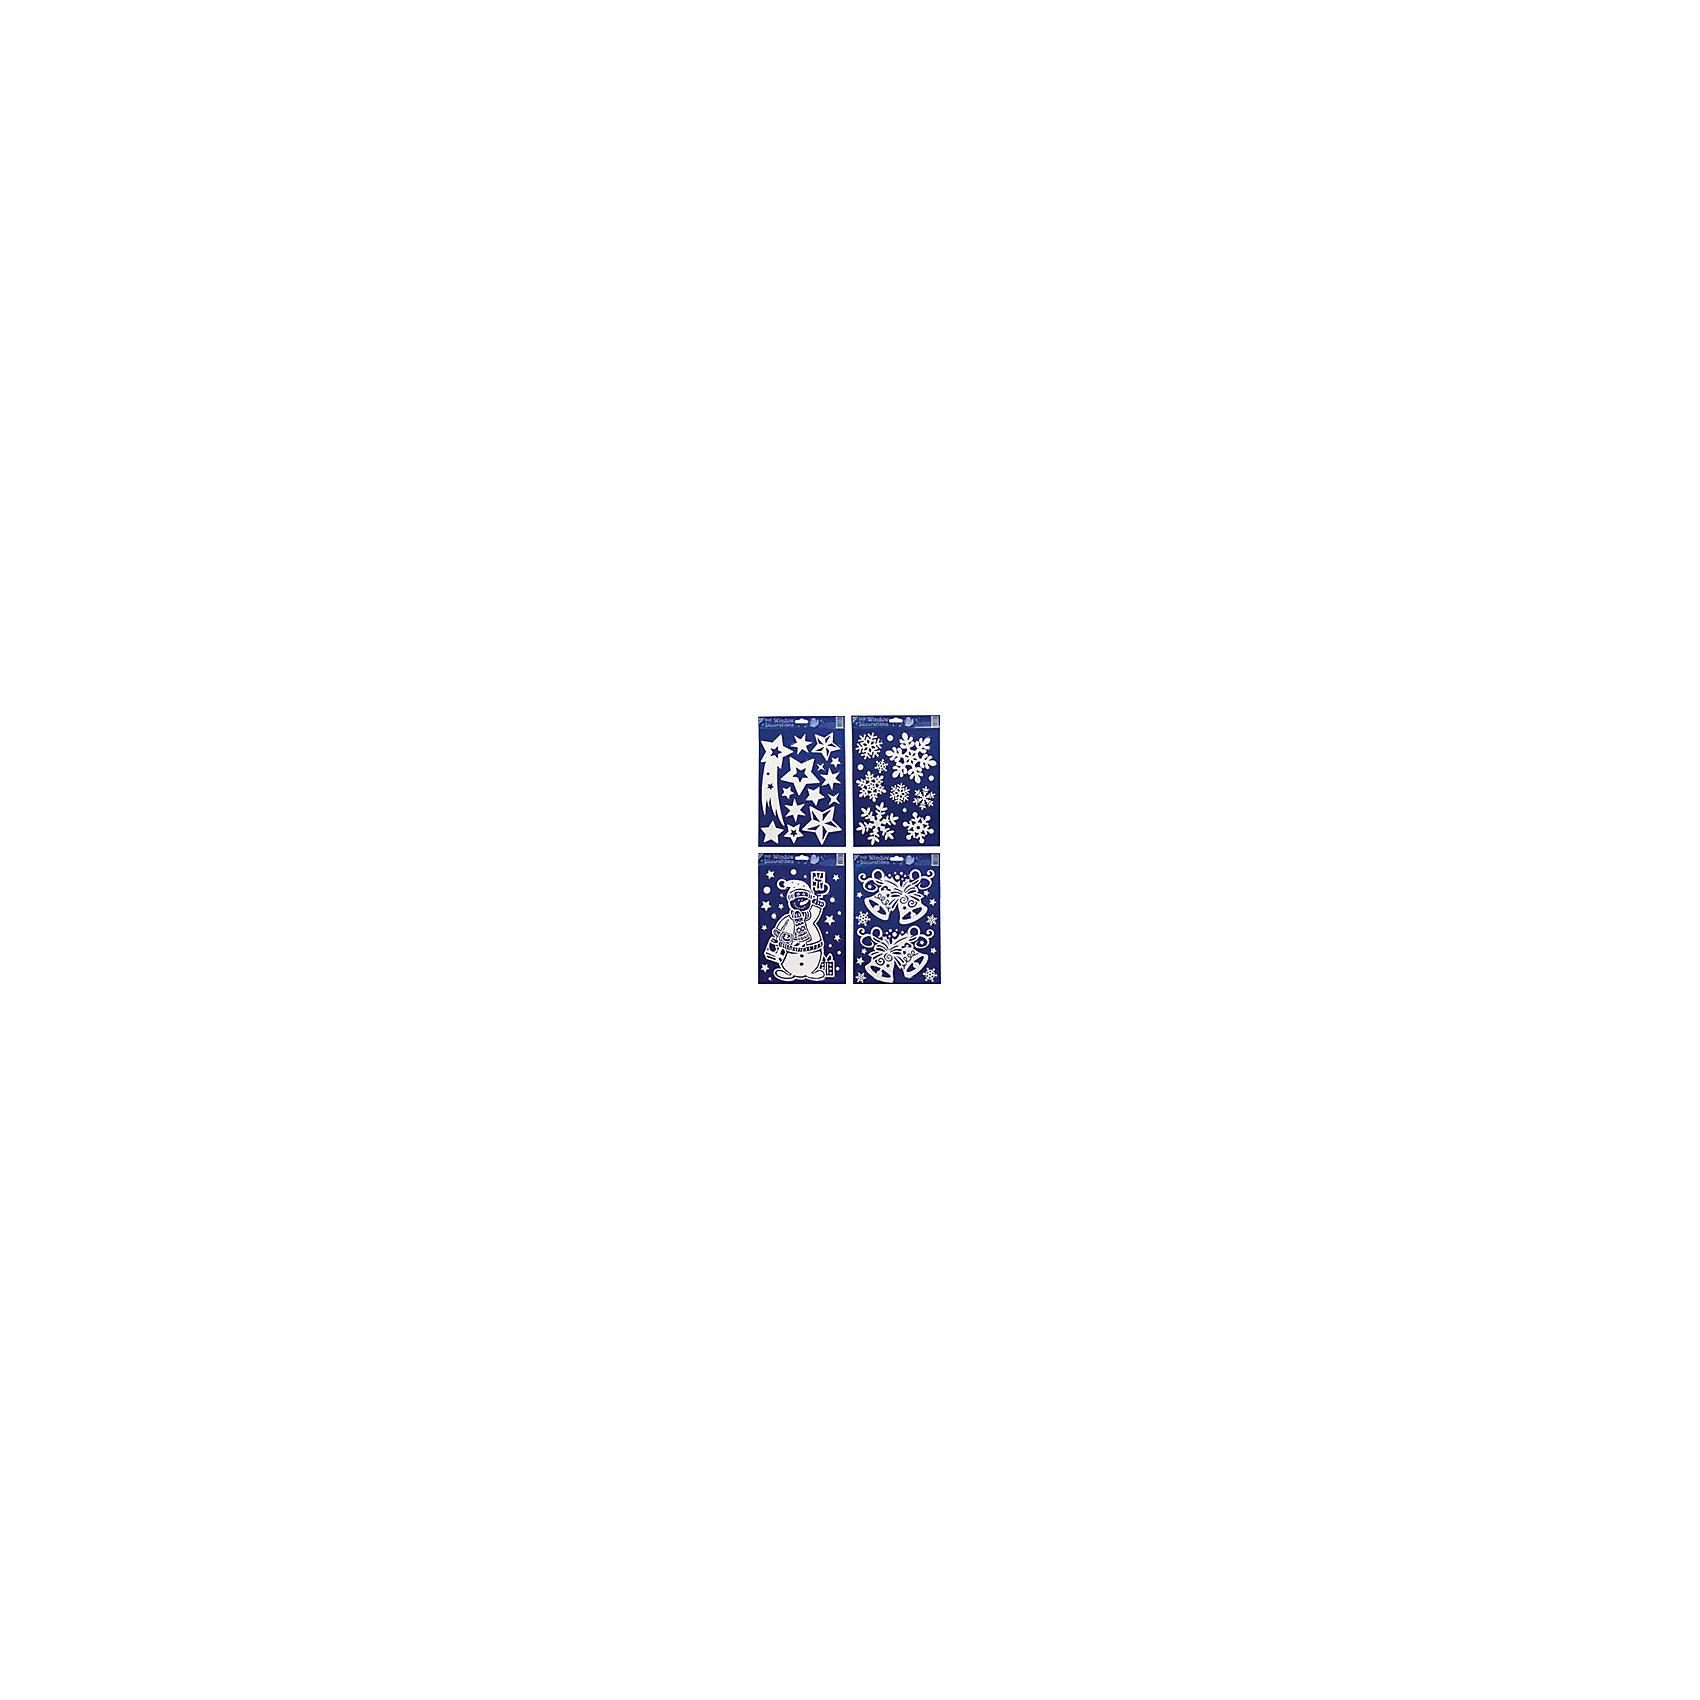 наклейка на стекло Снежное ассорти  30*20 см, в ассортиментеНовогодние наклейки на окна<br>Наклейки для декорирования отдельных предметов и интерьера для создания праздничной атмосферы<br><br>Ширина мм: 300<br>Глубина мм: 18<br>Высота мм: 200<br>Вес г: 61<br>Возраст от месяцев: 36<br>Возраст до месяцев: 2147483647<br>Пол: Унисекс<br>Возраст: Детский<br>SKU: 4418964